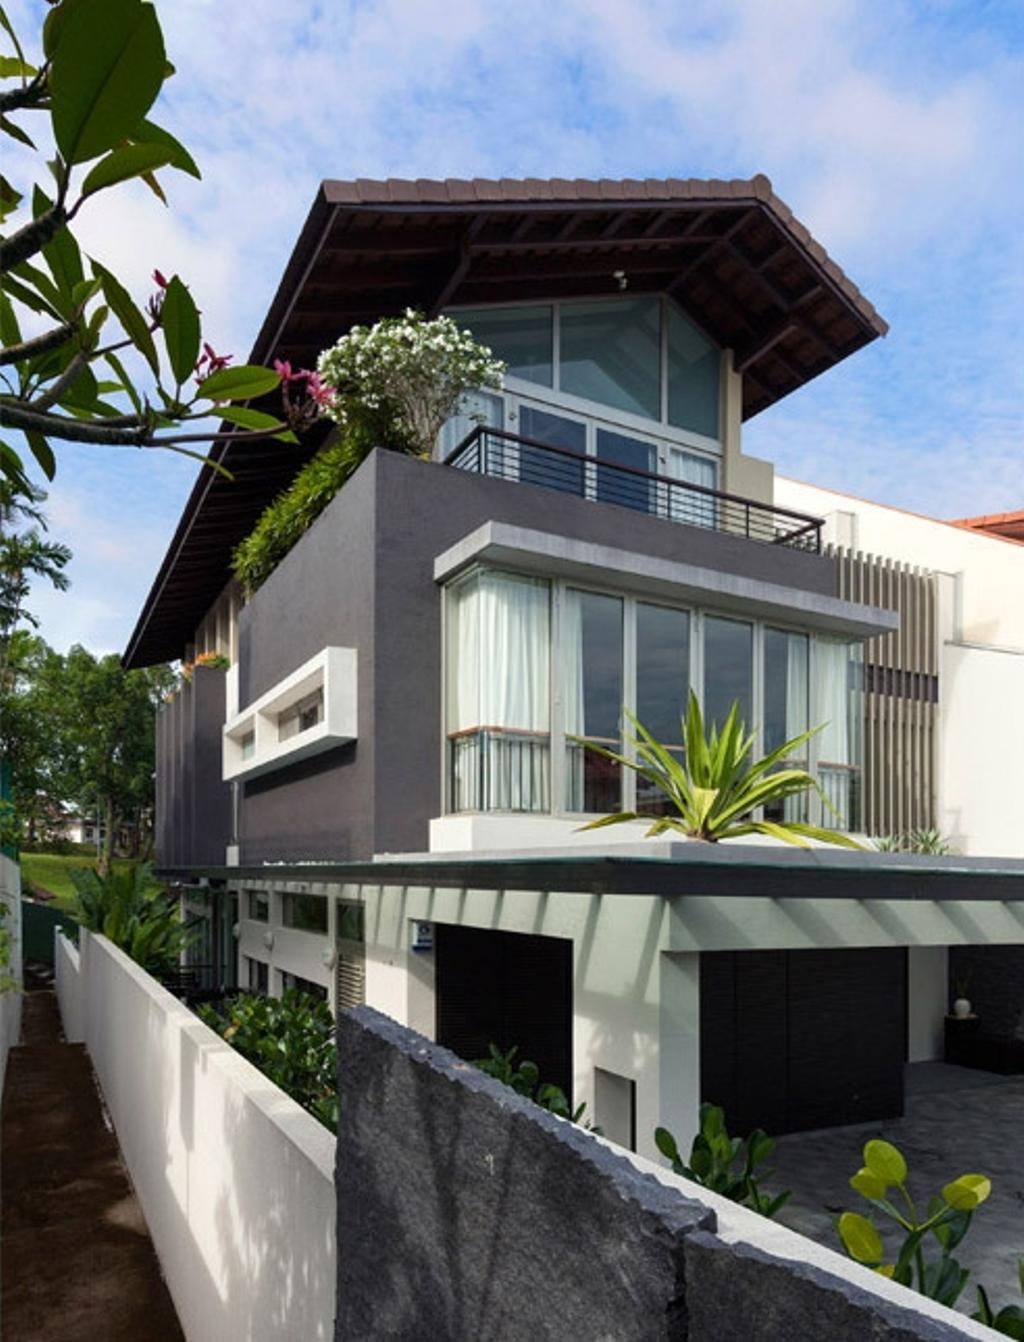 Transitional, Landed, Clementi Crescent, Architect, Timur Designs, Building, House, Housing, Villa, Flora, Jar, Plant, Potted Plant, Pottery, Vase